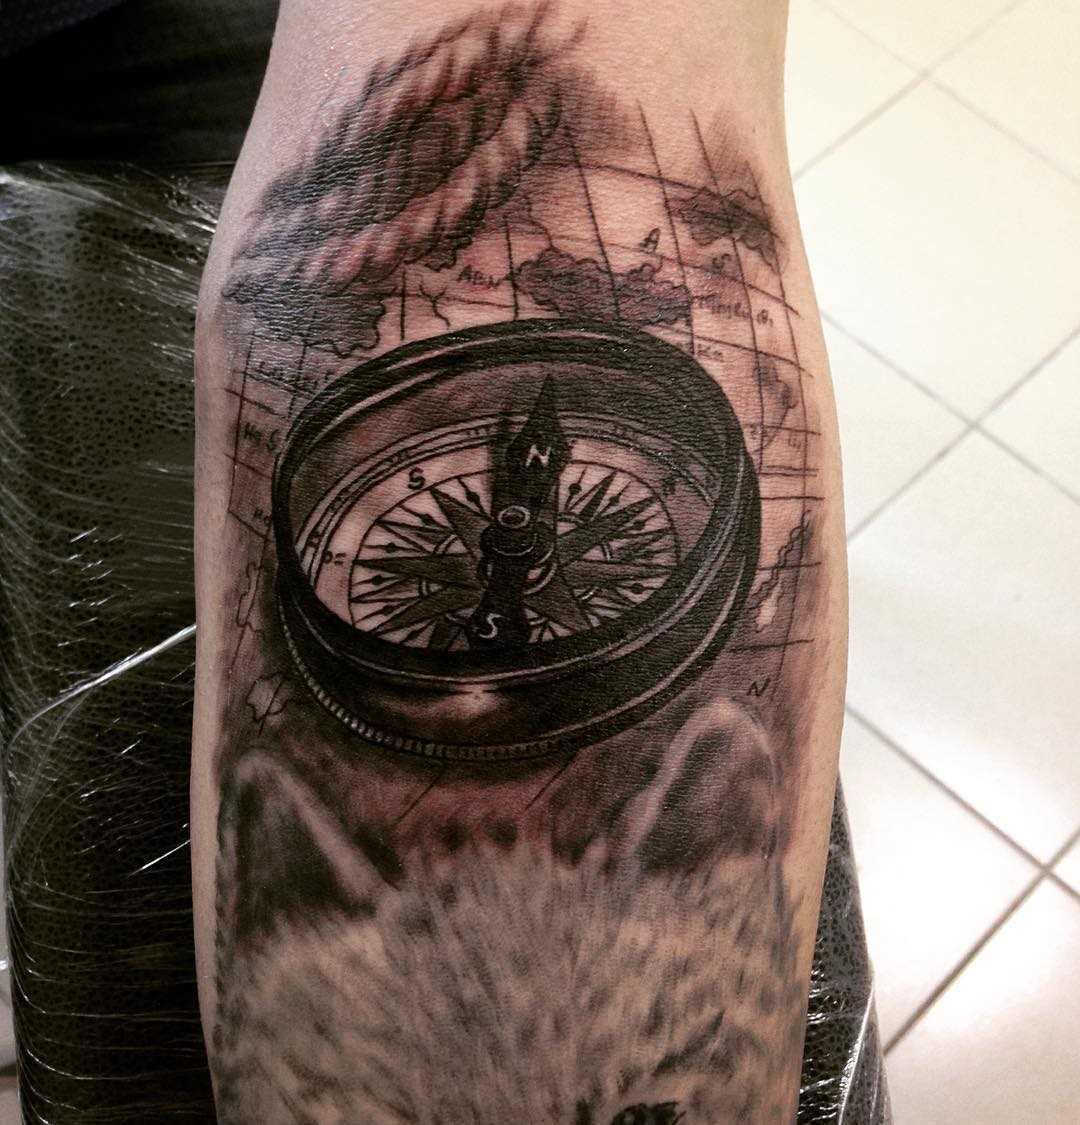 A tatuagem do compasso com o cartão no antebraço homens